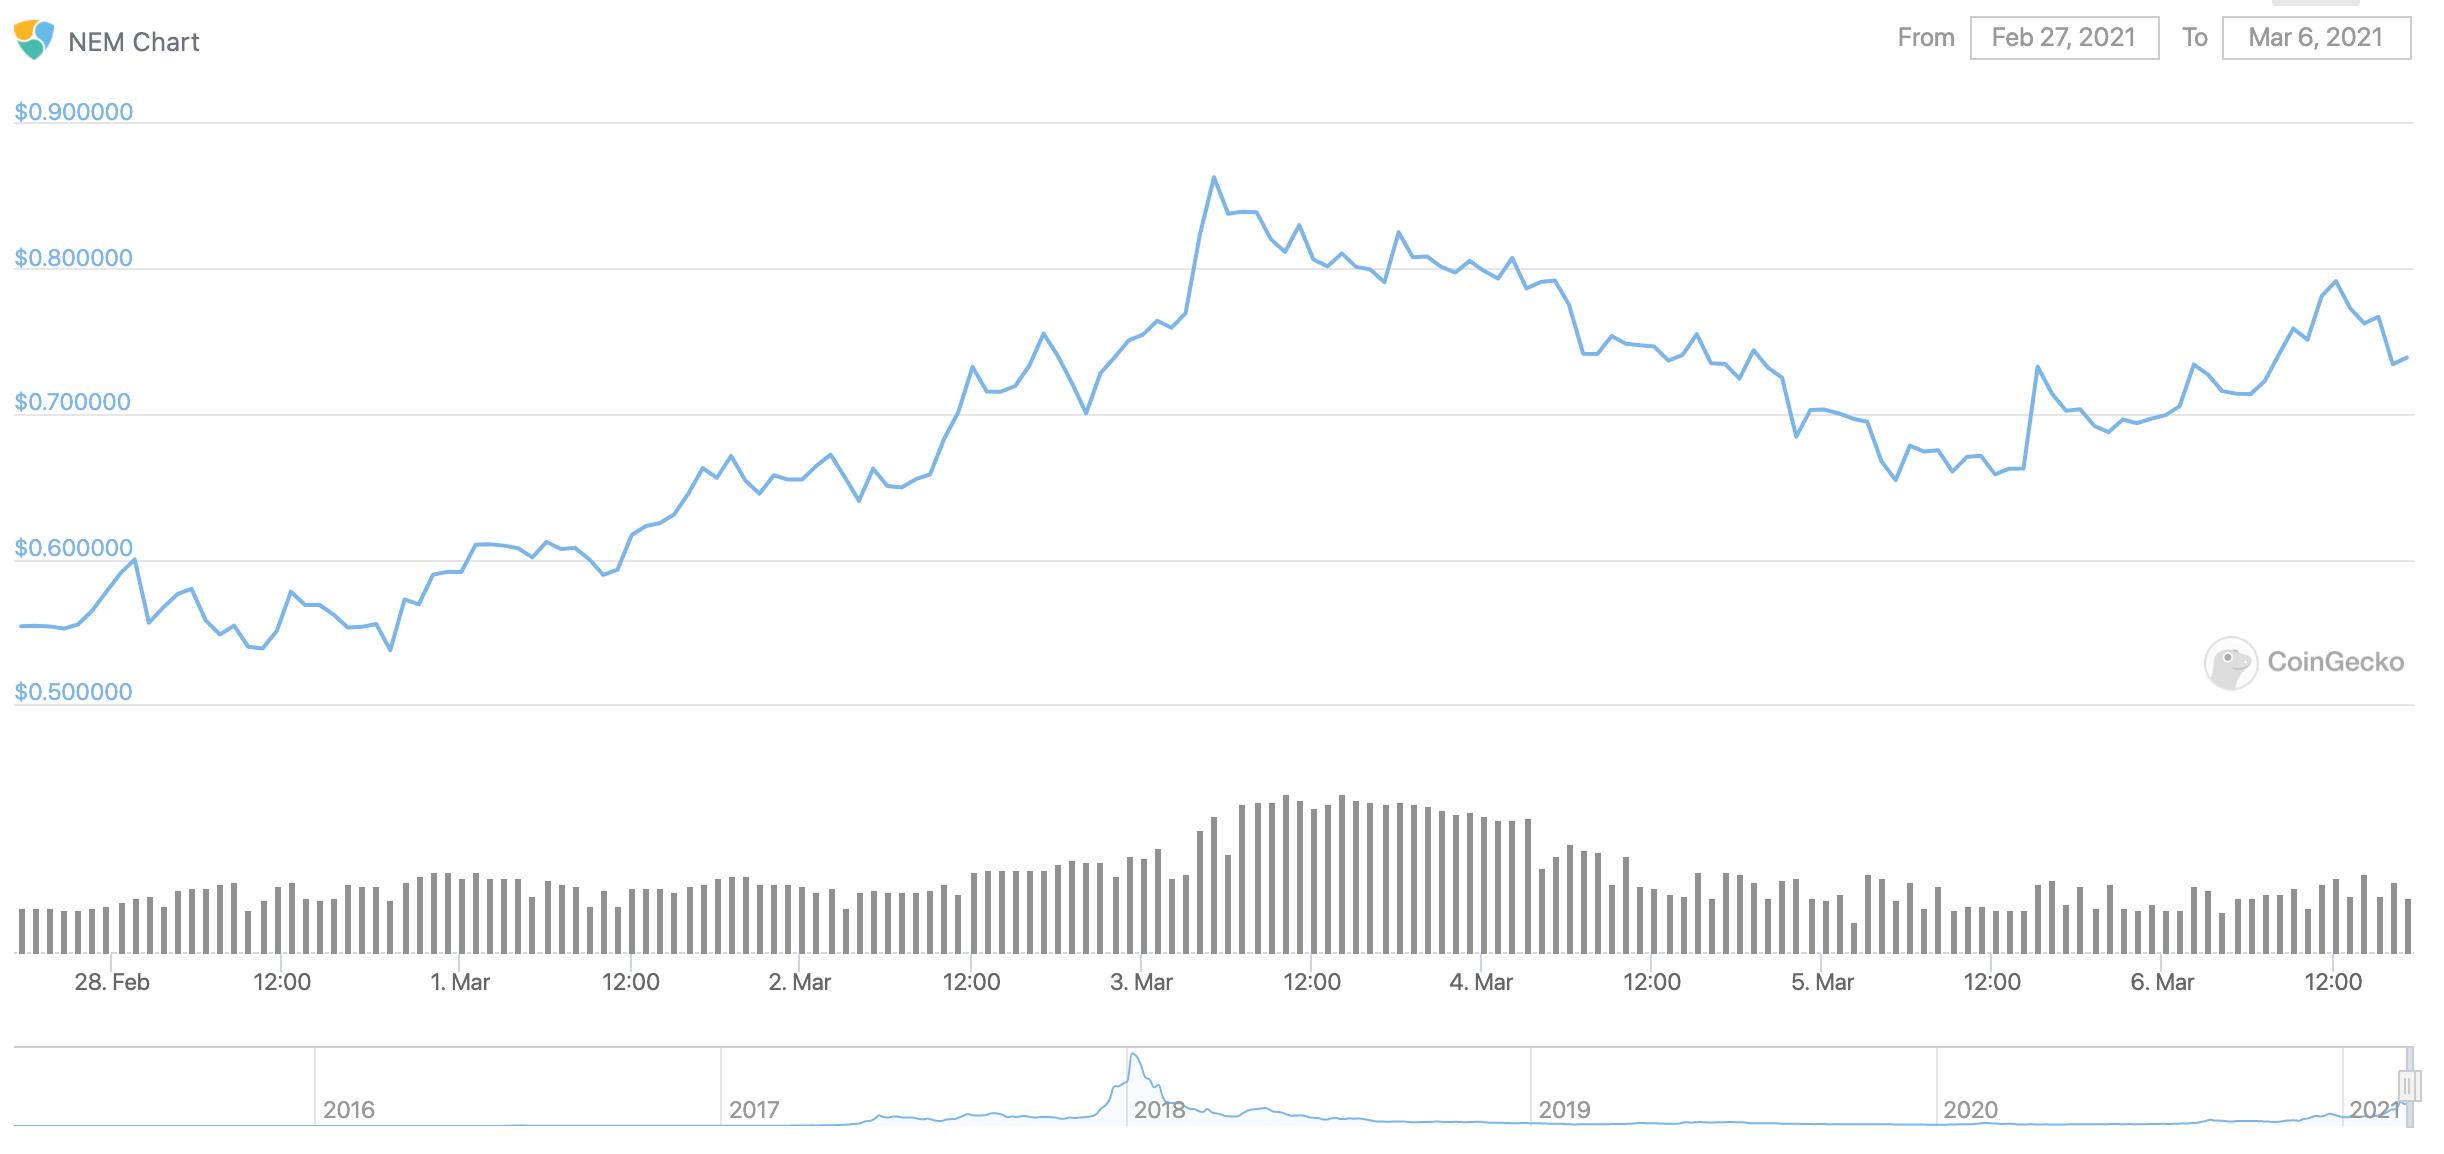 nem-xem-chart-price